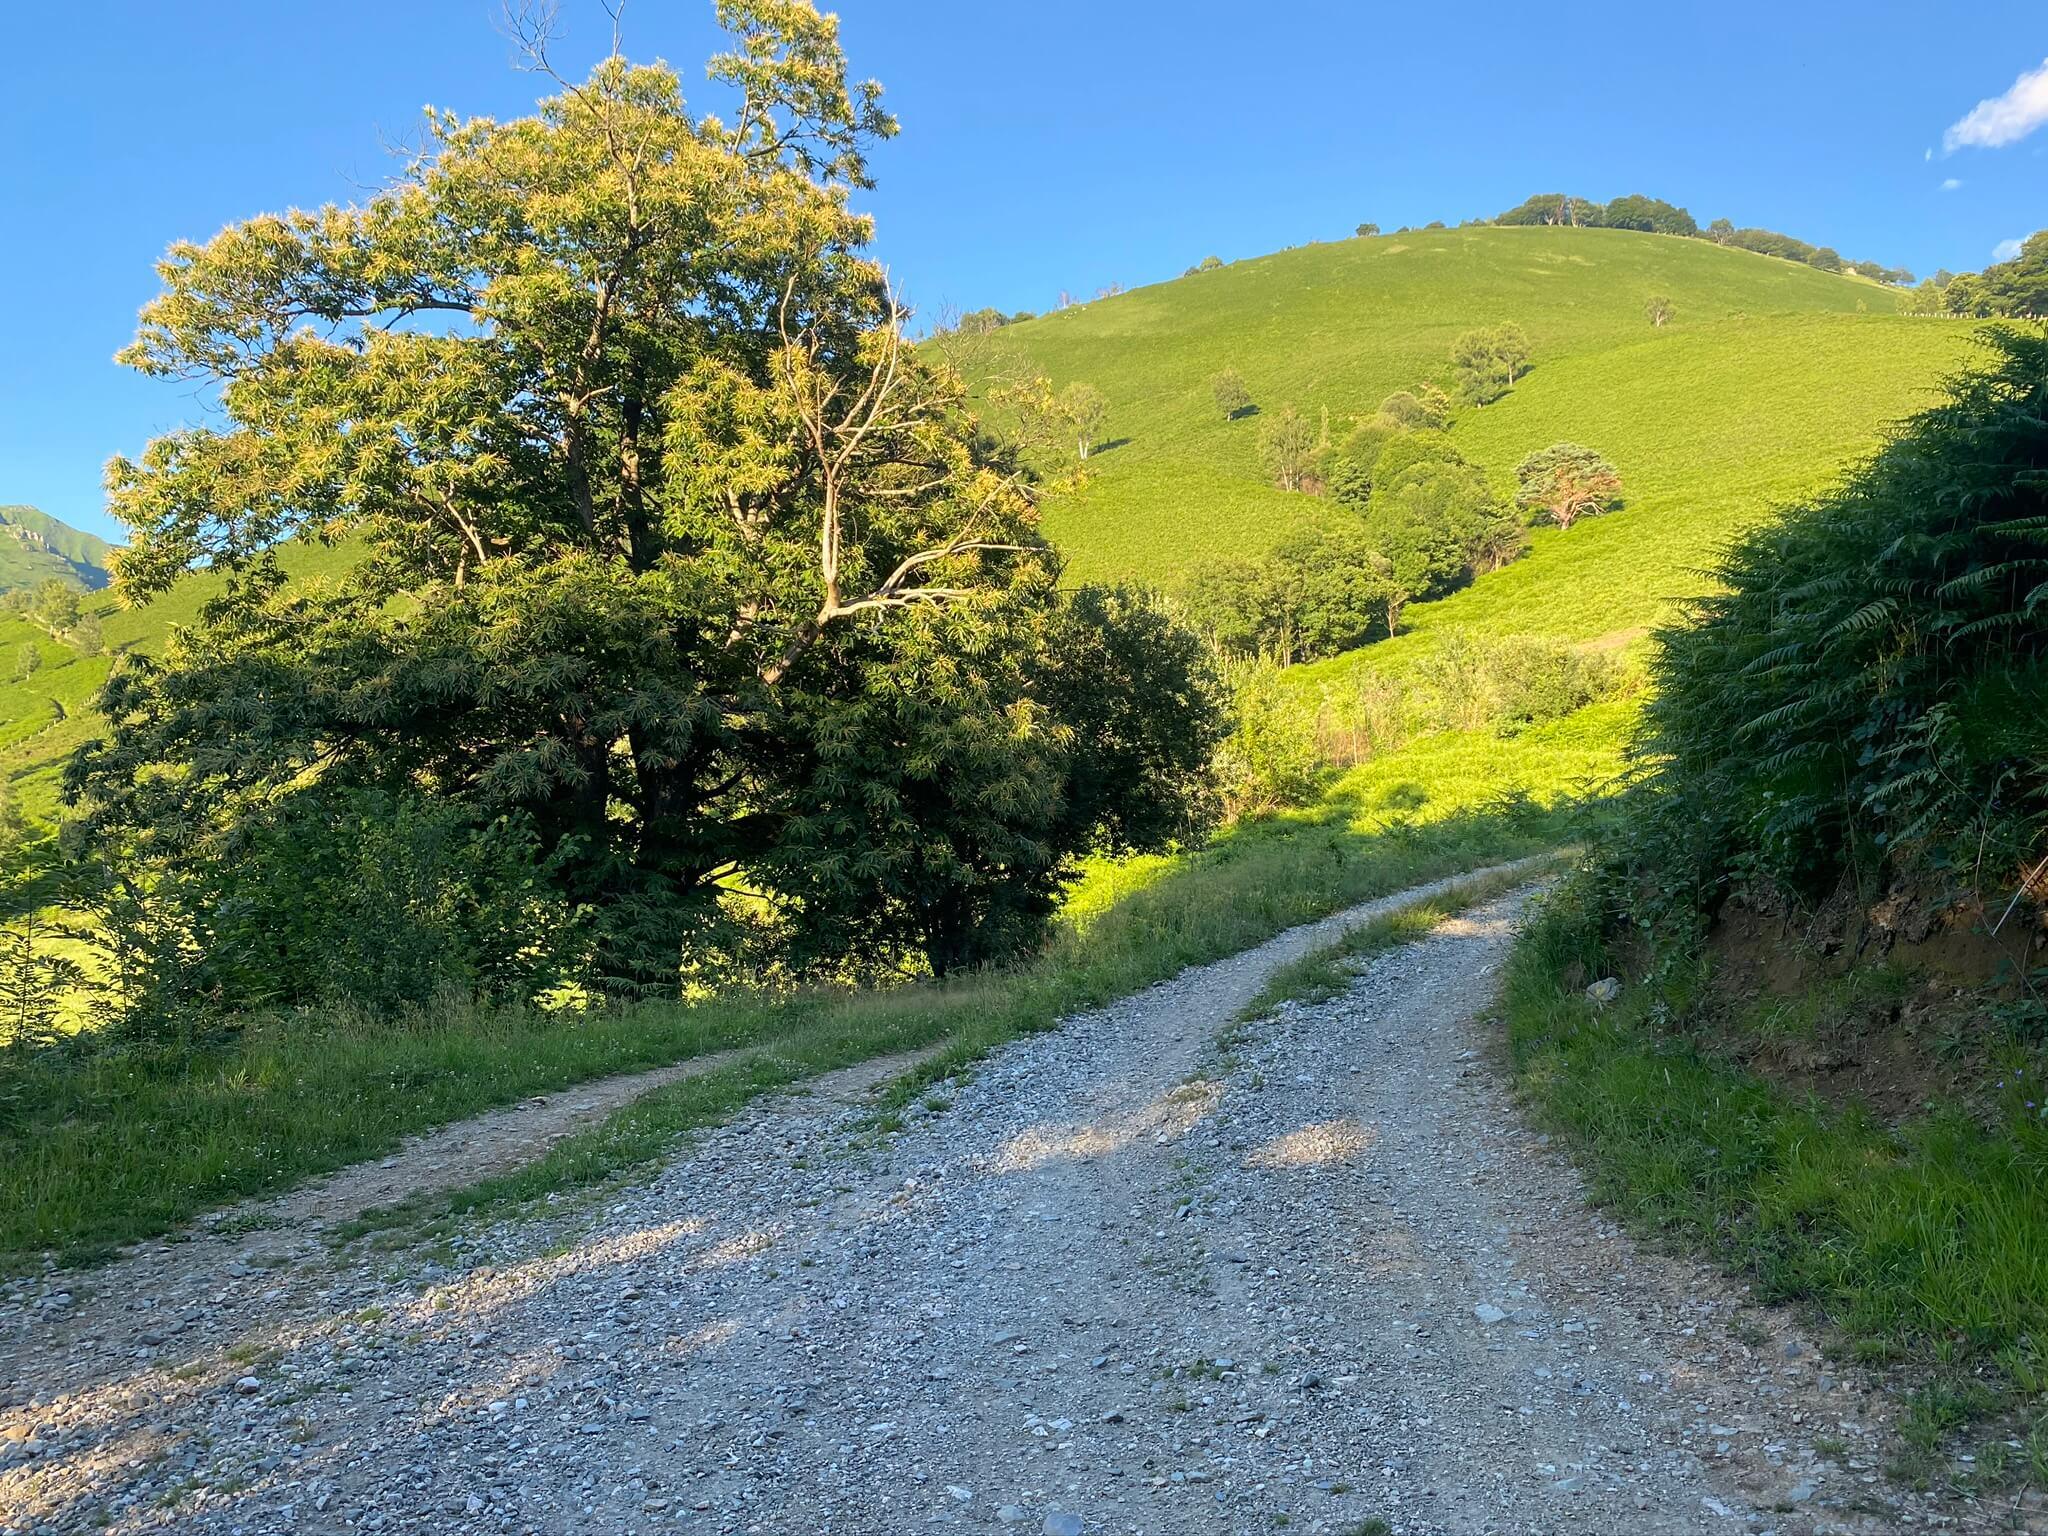 À droite, la piste vous emmène au col de Bergout, d'où décollent les parapentistes